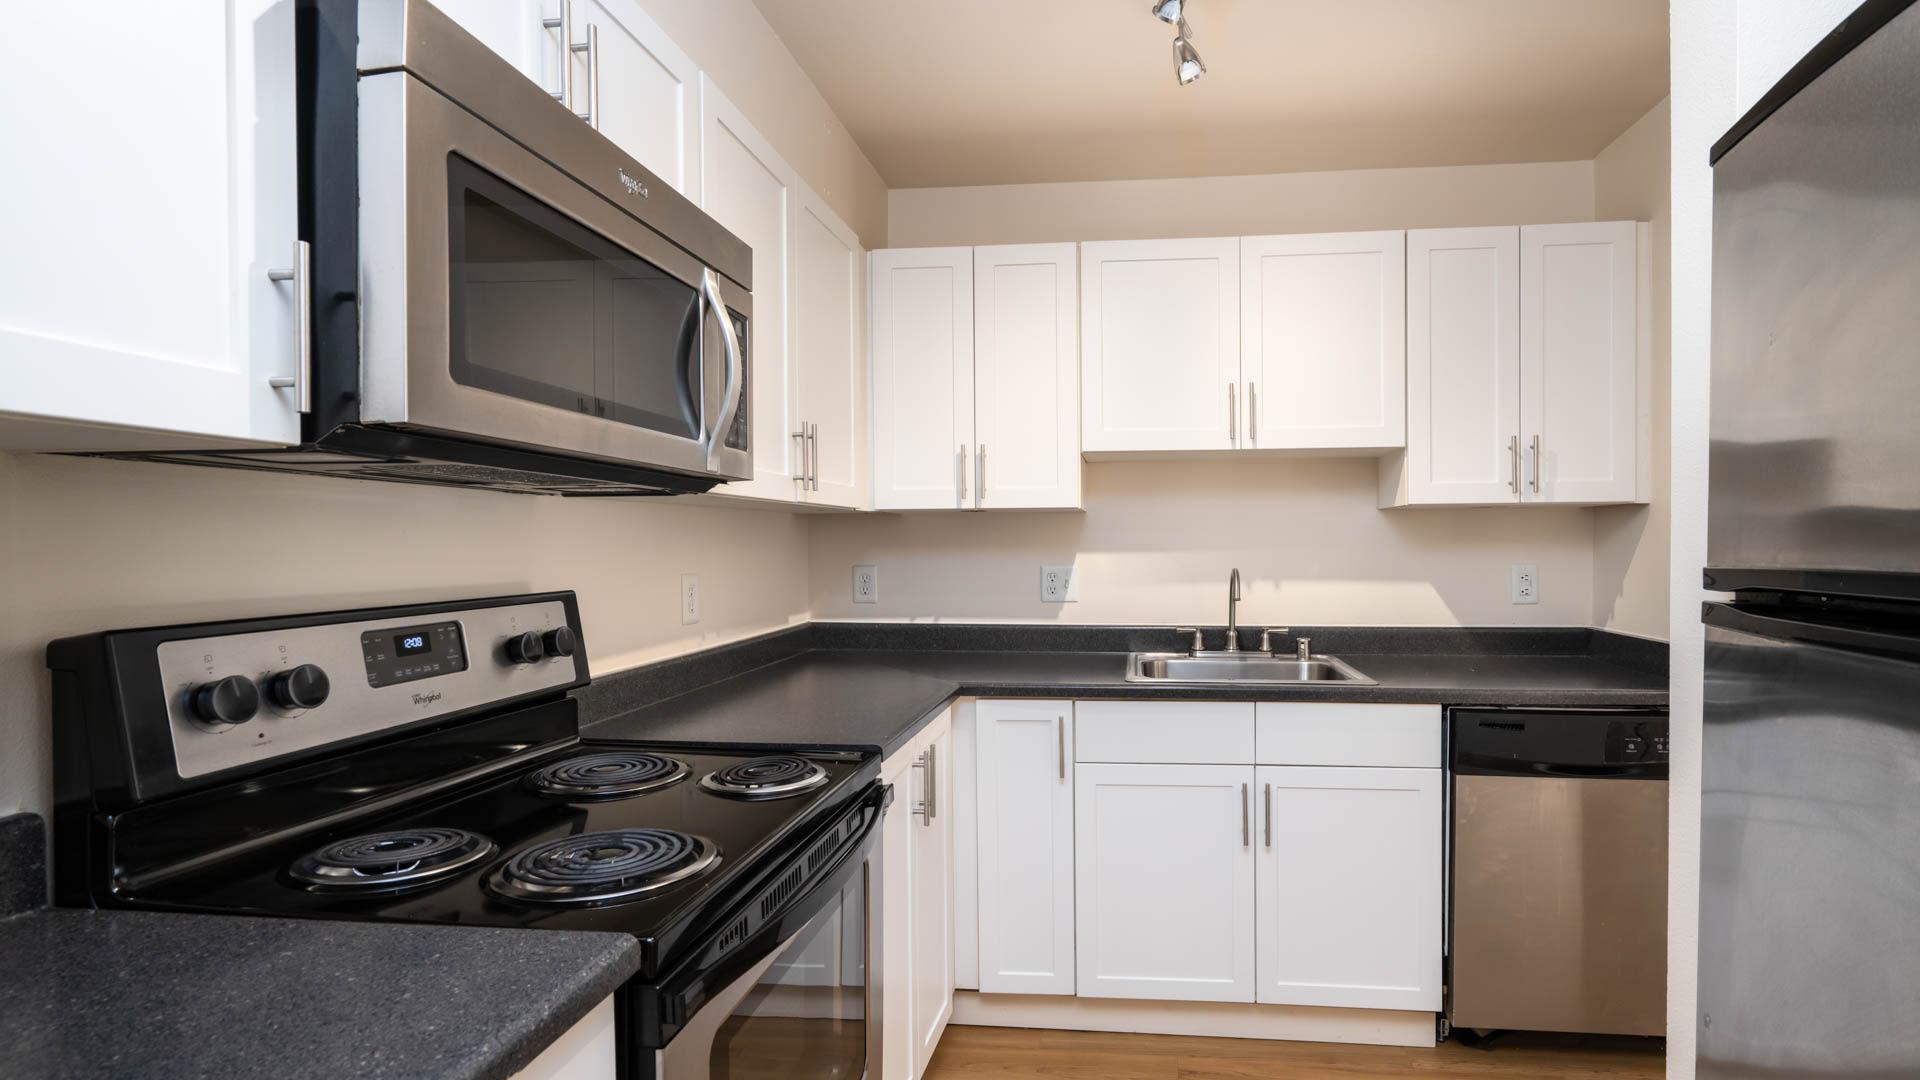 City Square Bellevue Apartments - Kitchen